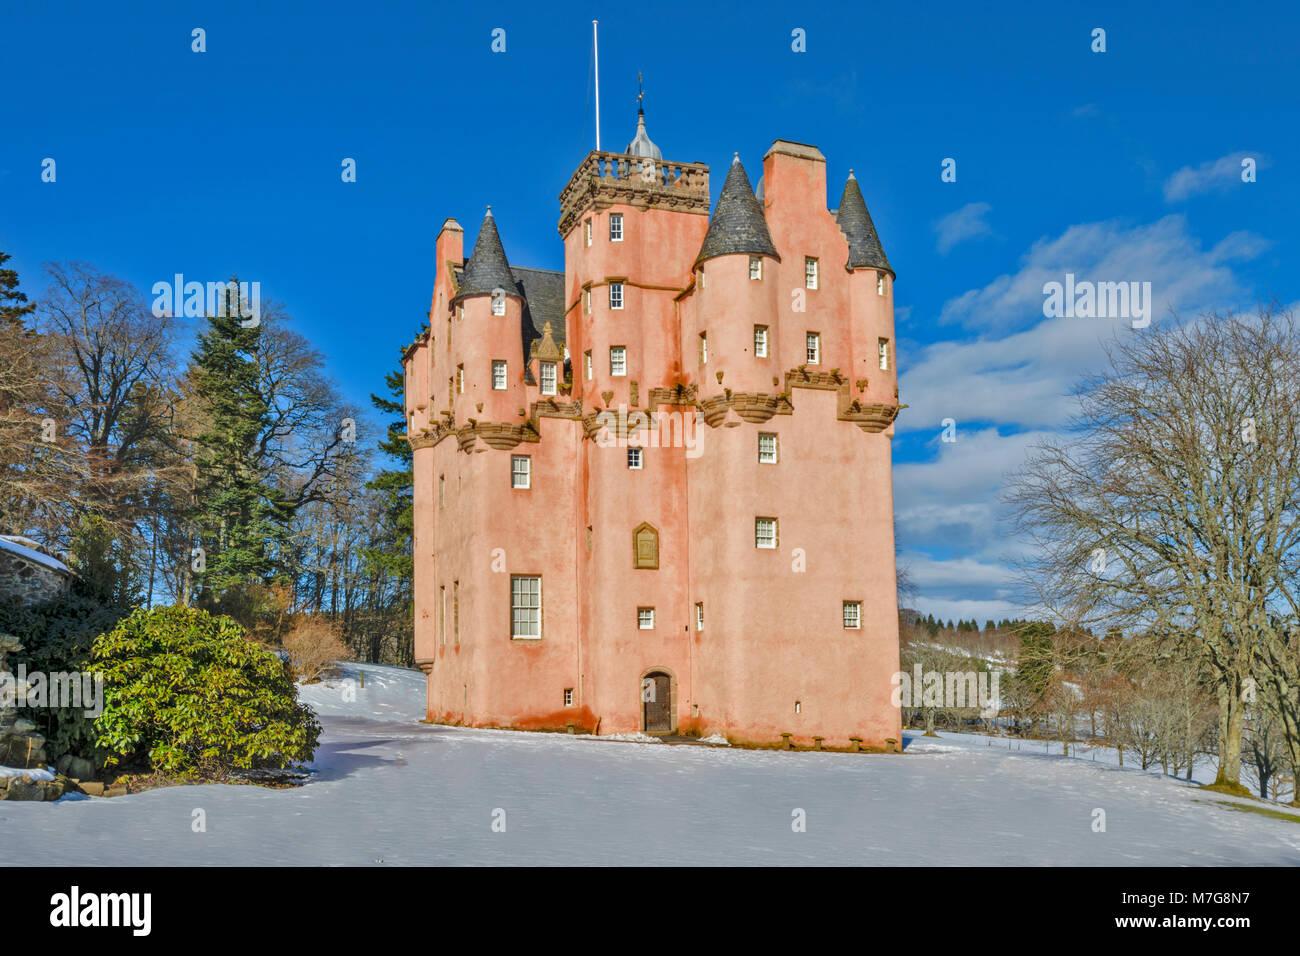 CRAIGIEVAR CASTLE ABERDEENSHIRE SCOTLAND A BLUE SKY THE PINK TOWER A SMALL GARDEN EVERGREEN FIR TREES AND DEEP WINTER - Stock Image